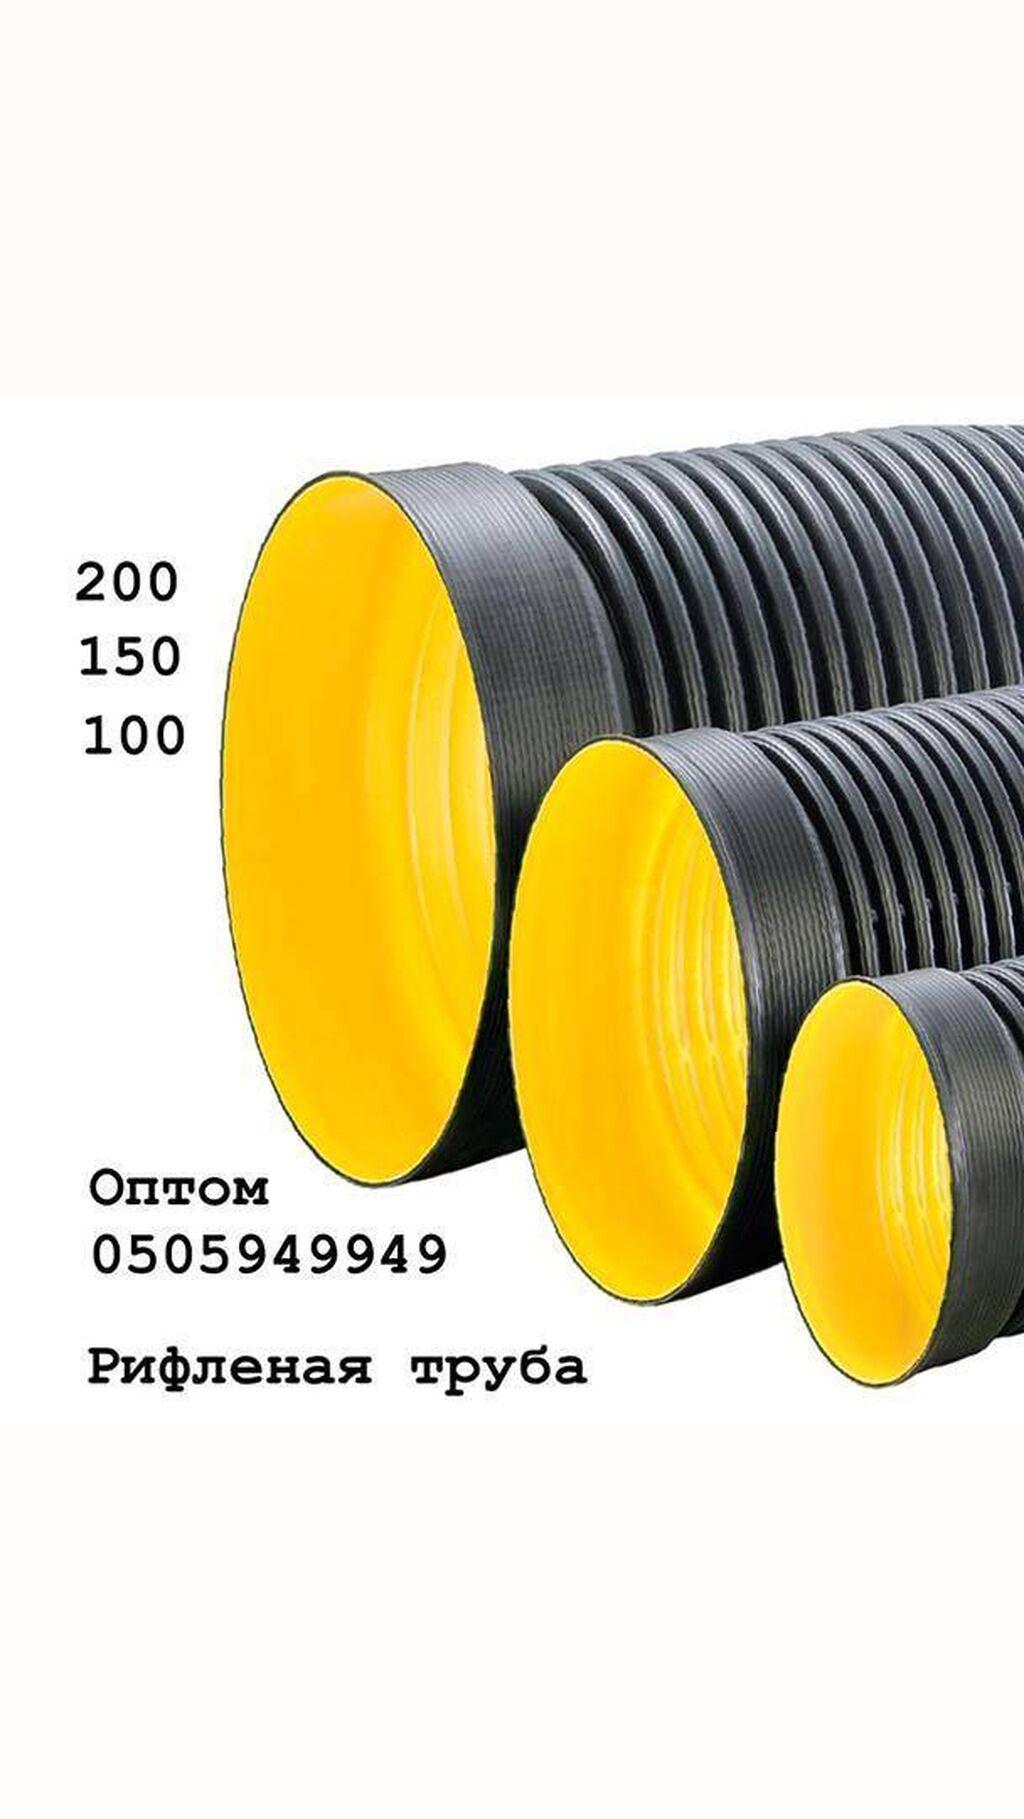 Рифленые трубы  ОПТОМ  Канализация | Объявление создано 05 Август 2021 02:59:17: Рифленые трубы  ОПТОМ  Канализация